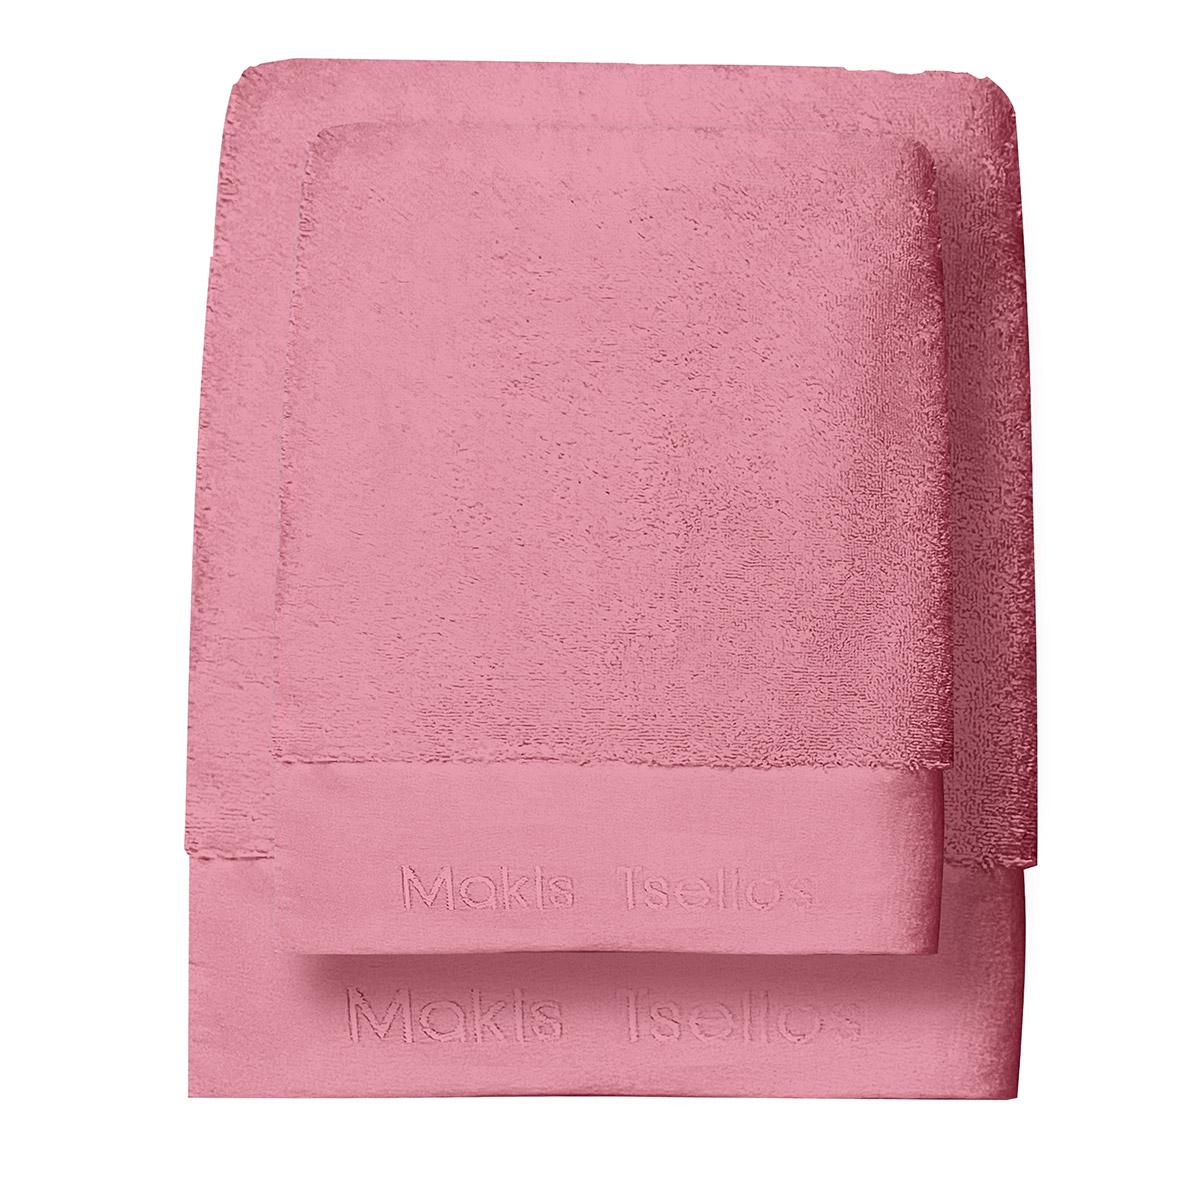 Πετσέτες Μπάνιου (Σετ 3τμχ) Makis Tselios Feel 8 Blush